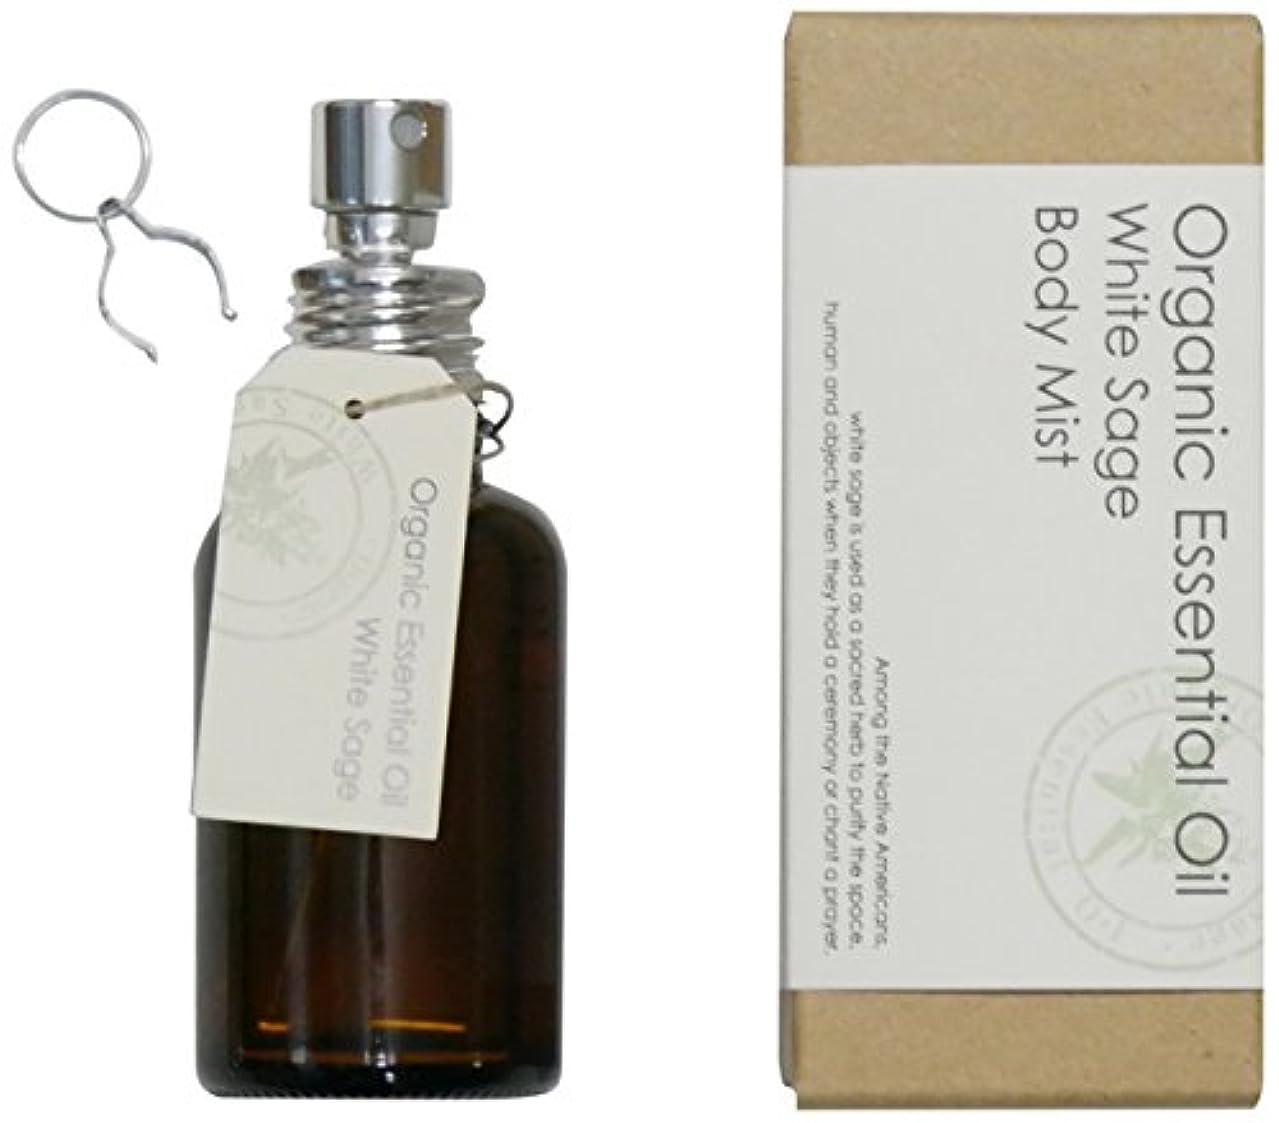 餌生き残り要求アロマレコルト ボディミスト ホワイトセージ 【White Sage】オーガニック エッセンシャルオイル organic essential oil natural body mist arome recolte